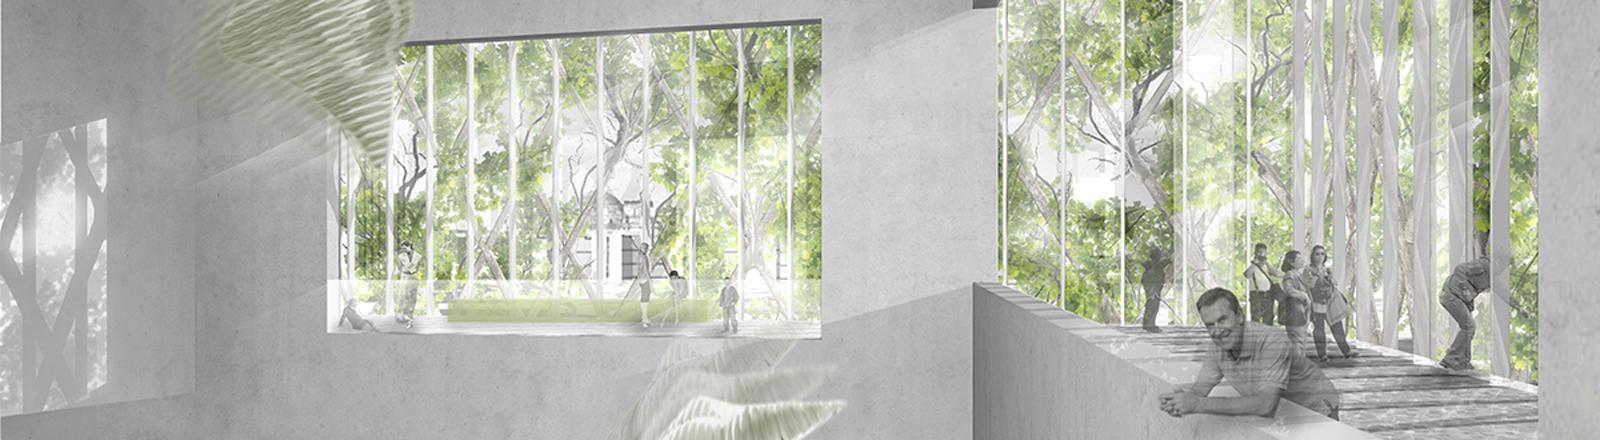 Ein Gebäude, das von Bäumen umwachsen ist. Architekturstil: Baubotanik.